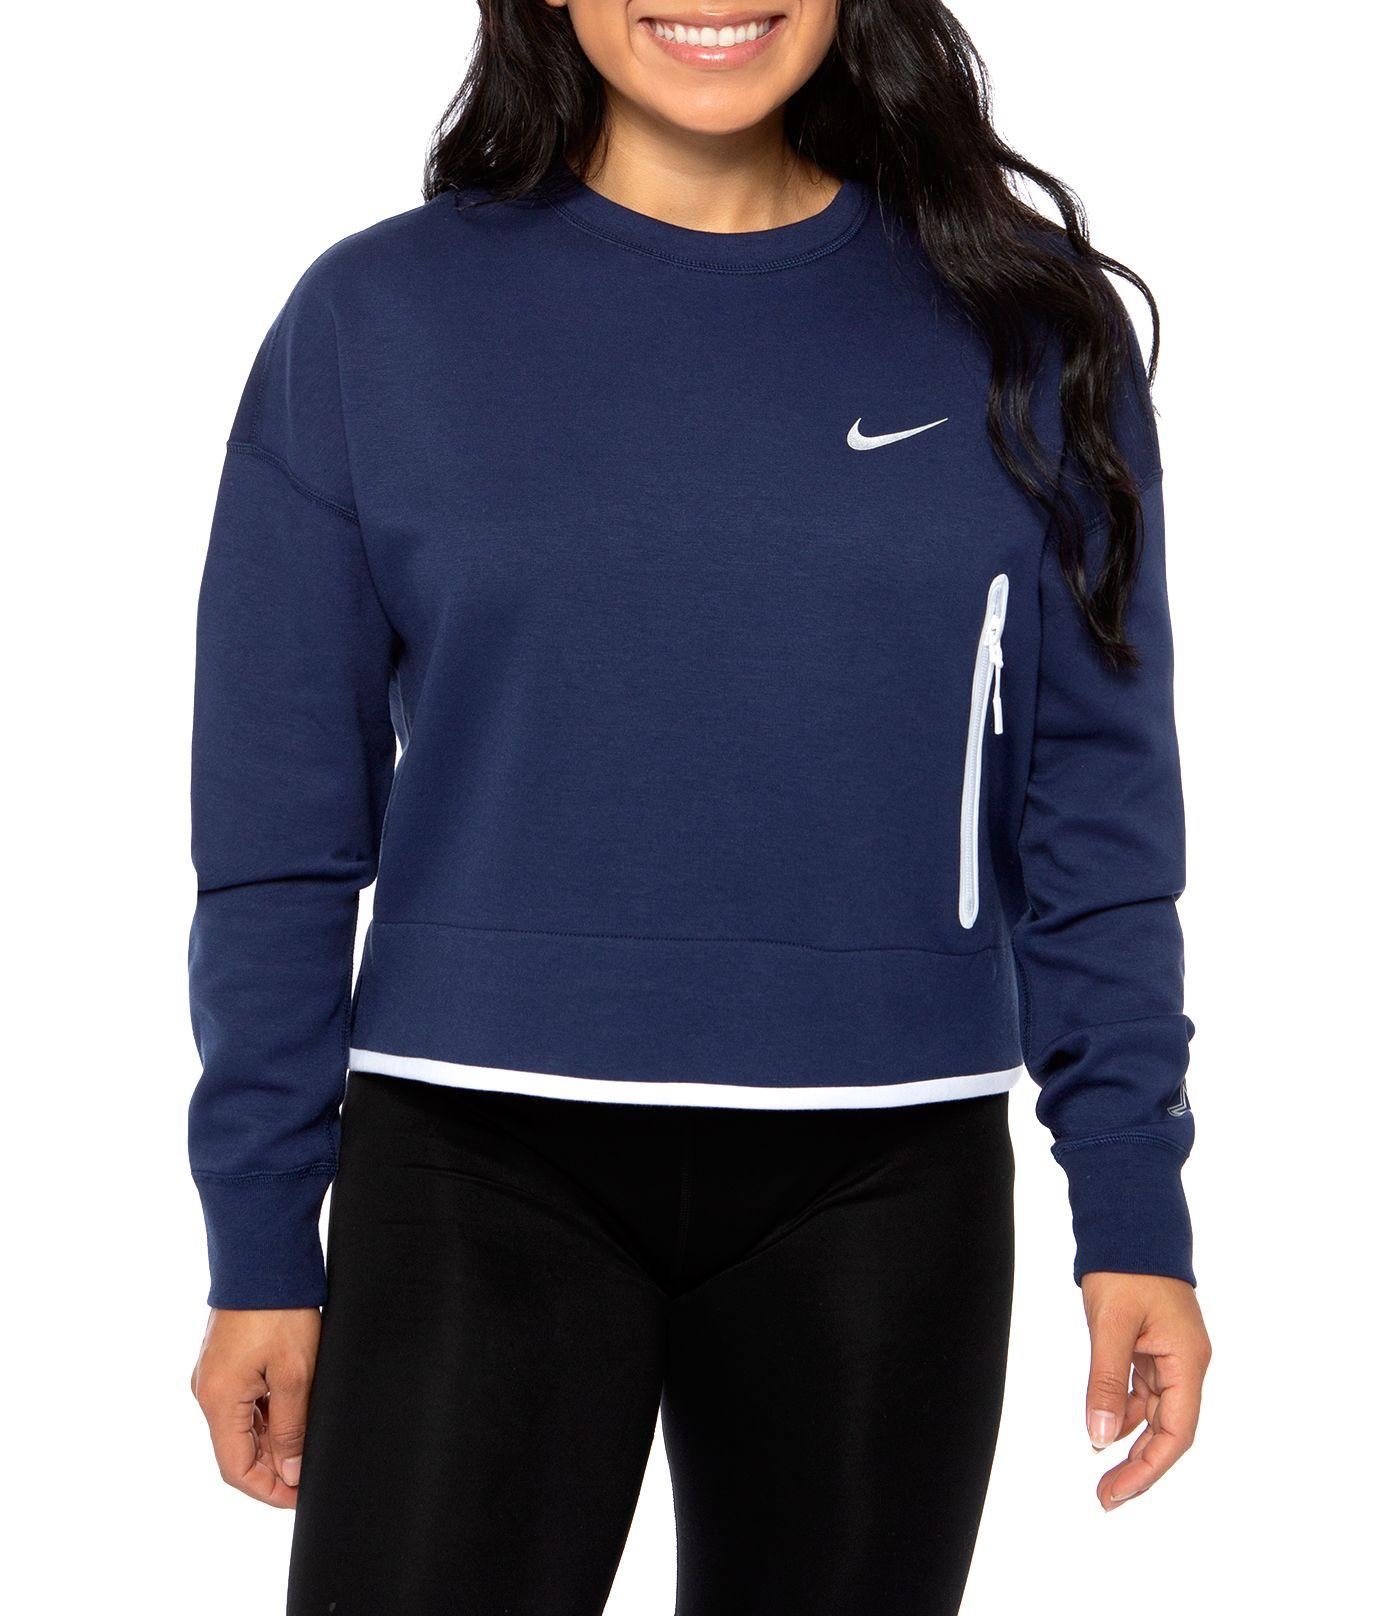 Nike Women's Dallas Cowboys Fuse Crop Navy Crew Sweatshirt